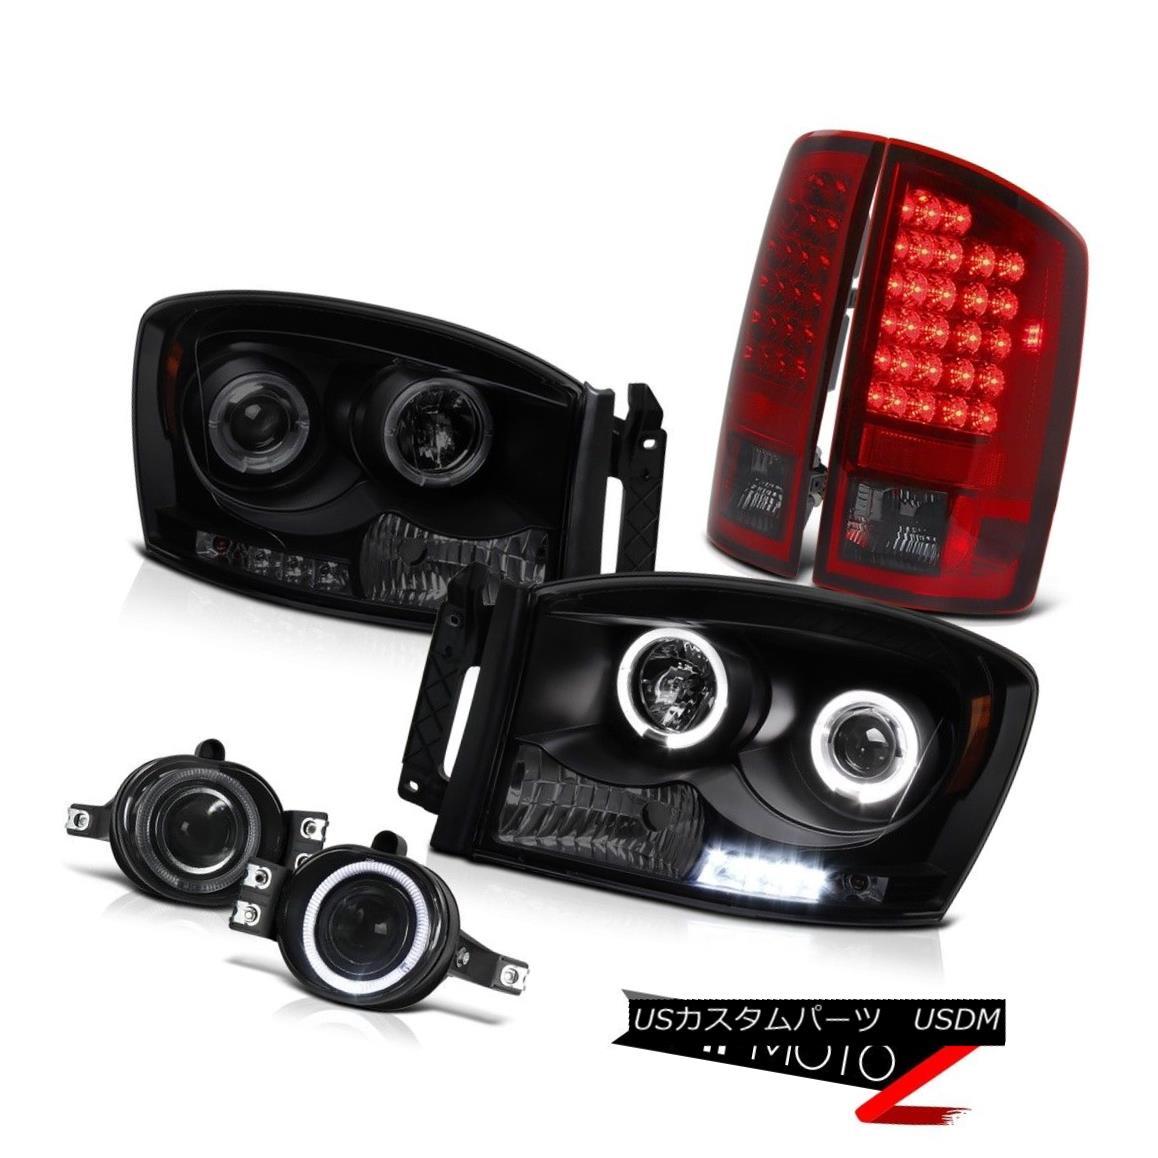 テールライト Headlight Projector Halo LED Smokey Red Tail Lights Smoke Fog Ram 4.7L SLT 07 08 ヘッドライトプロジェクターHalo LEDスモーキーレッドテールライトスモークフォグラム4.7L SLT 07 08